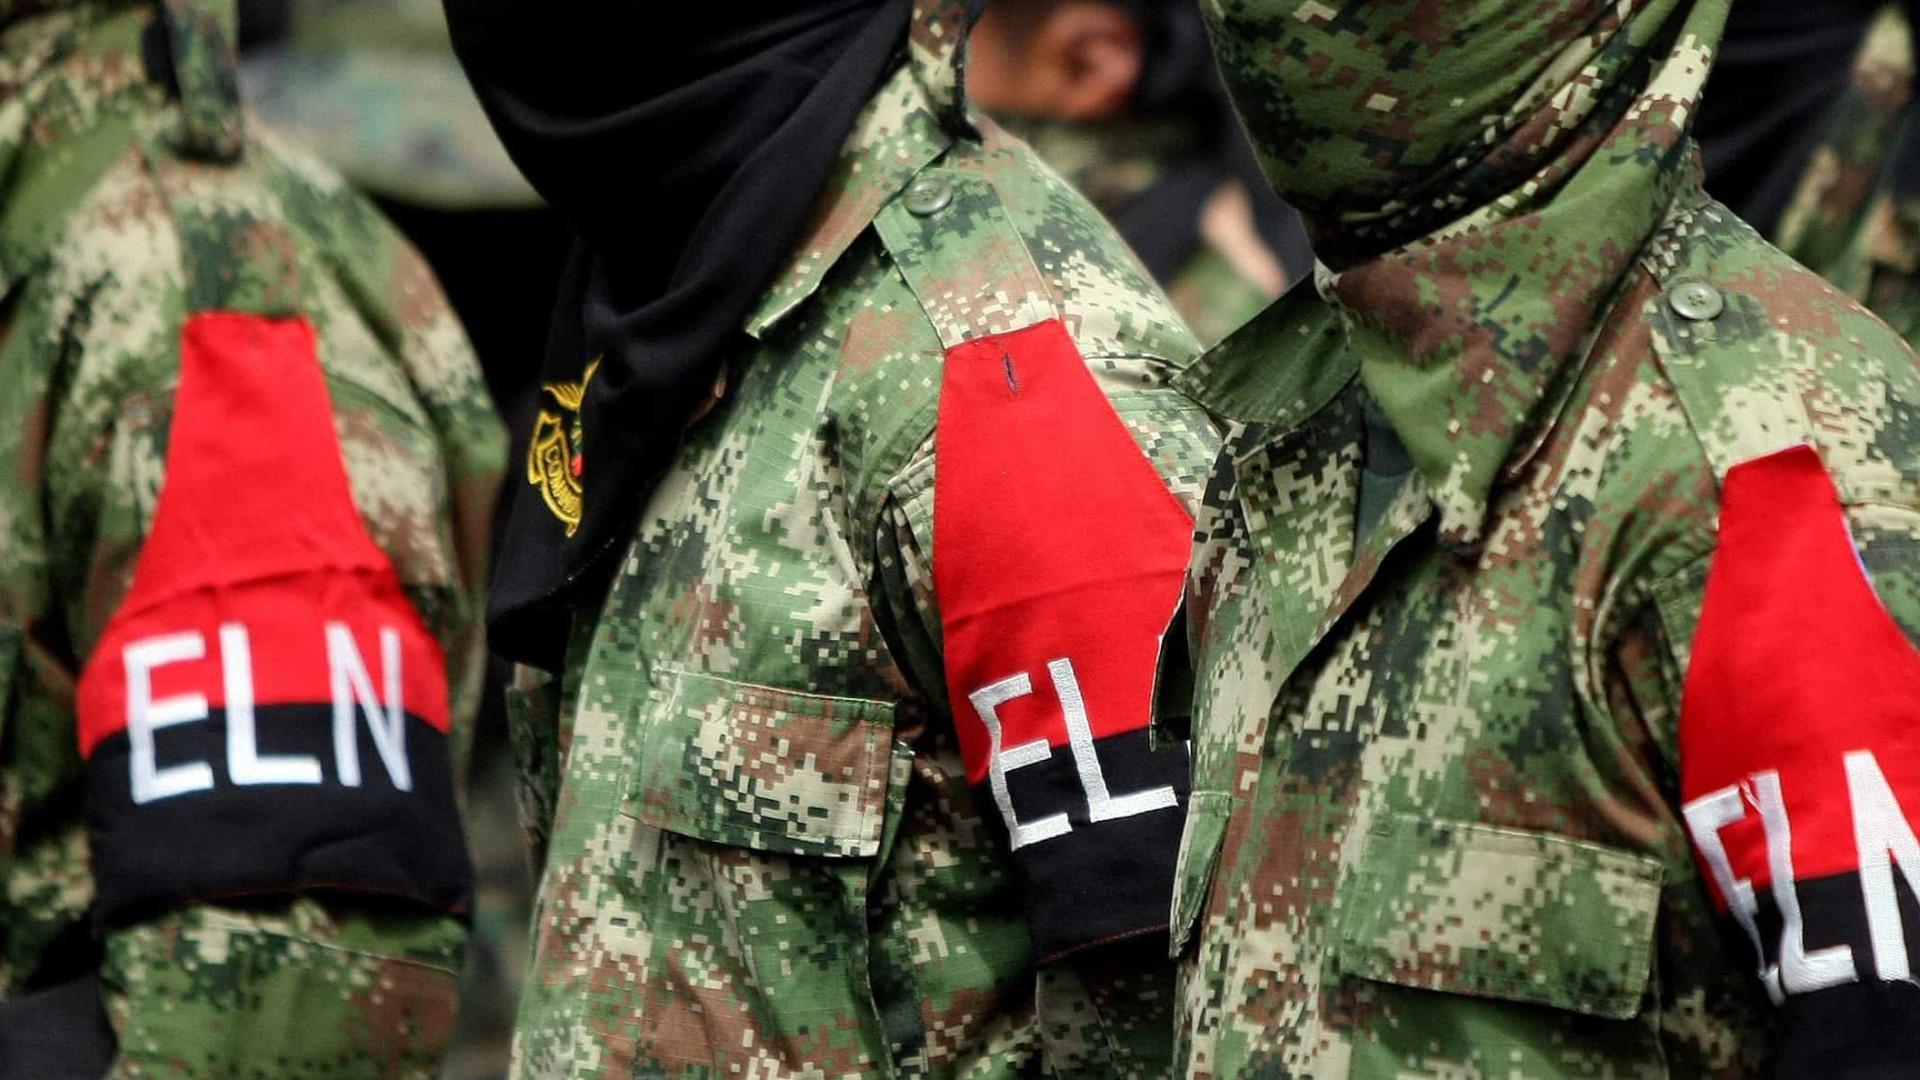 Colômbia denuncia recrutamento de 24 menores pelo ELN